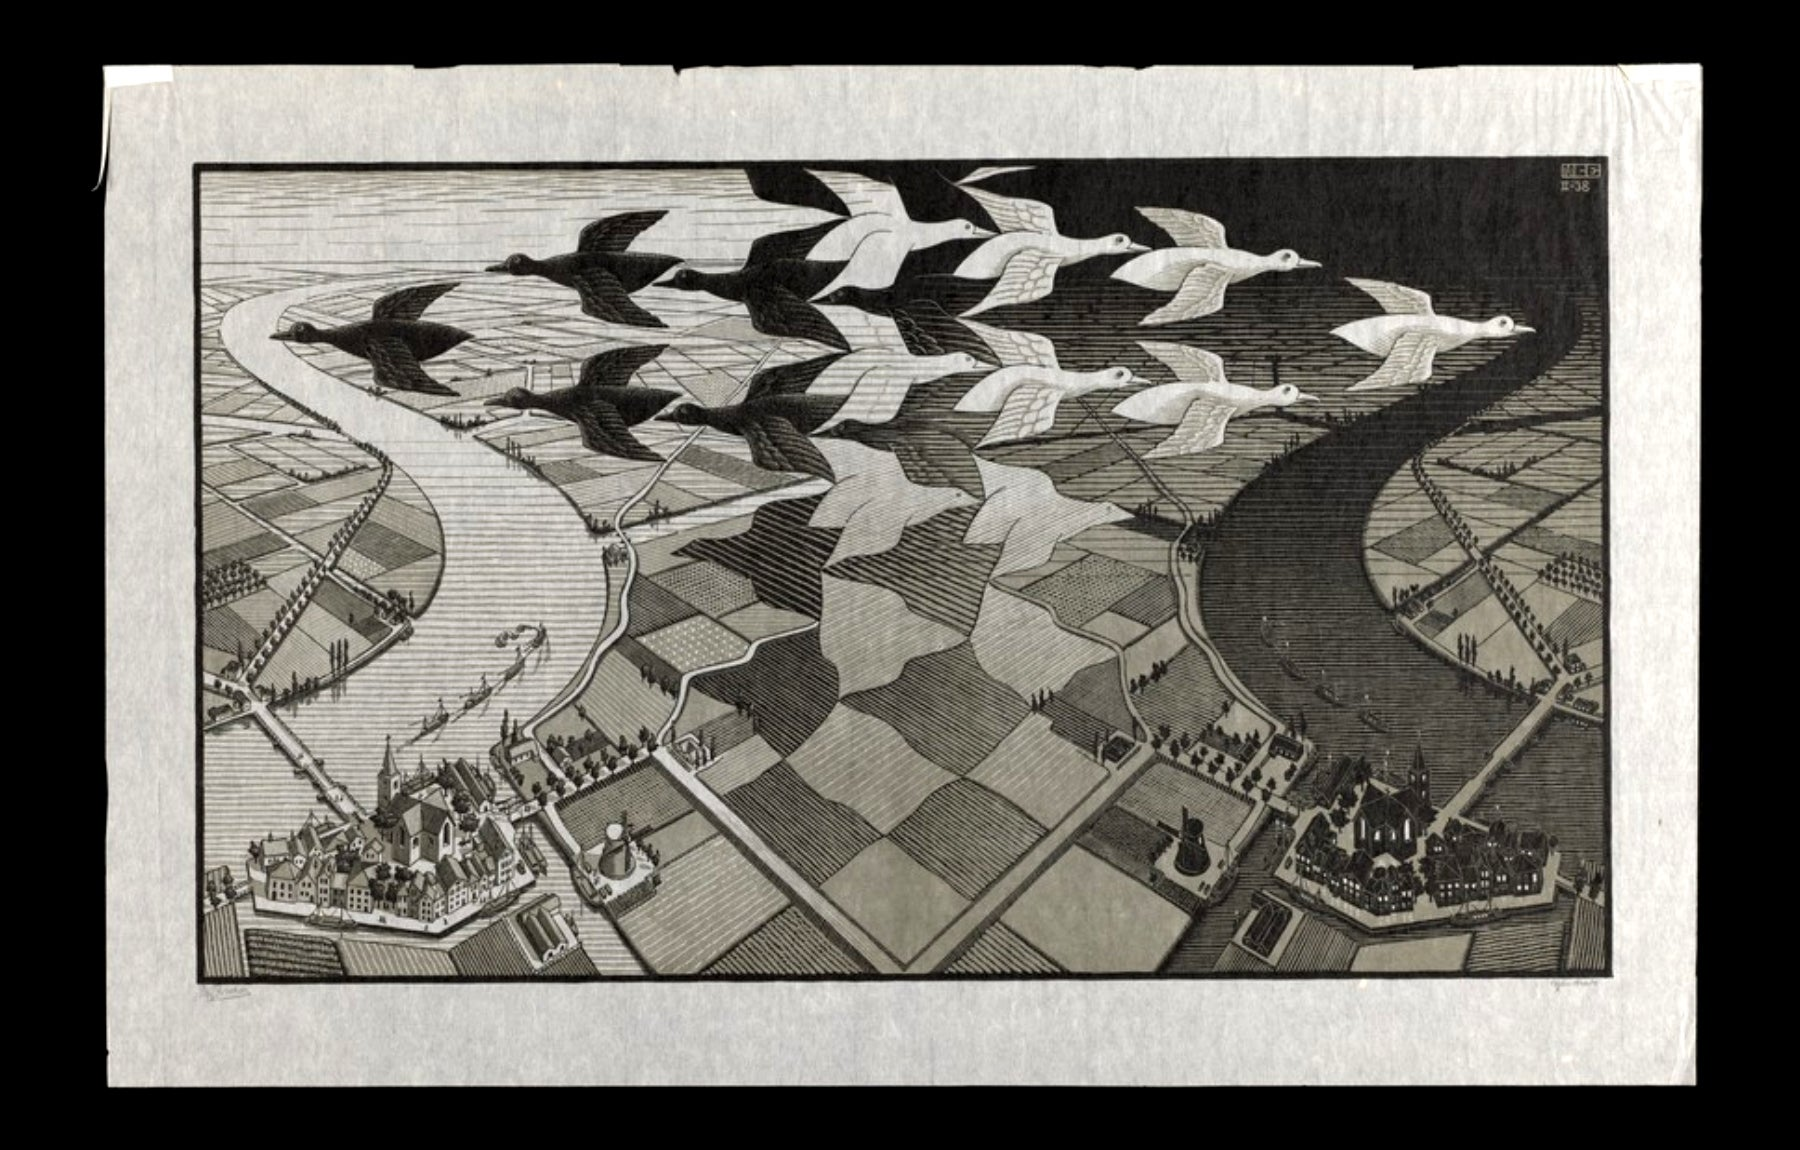 Boston Public Library Put ItsMC Escher Collection Online